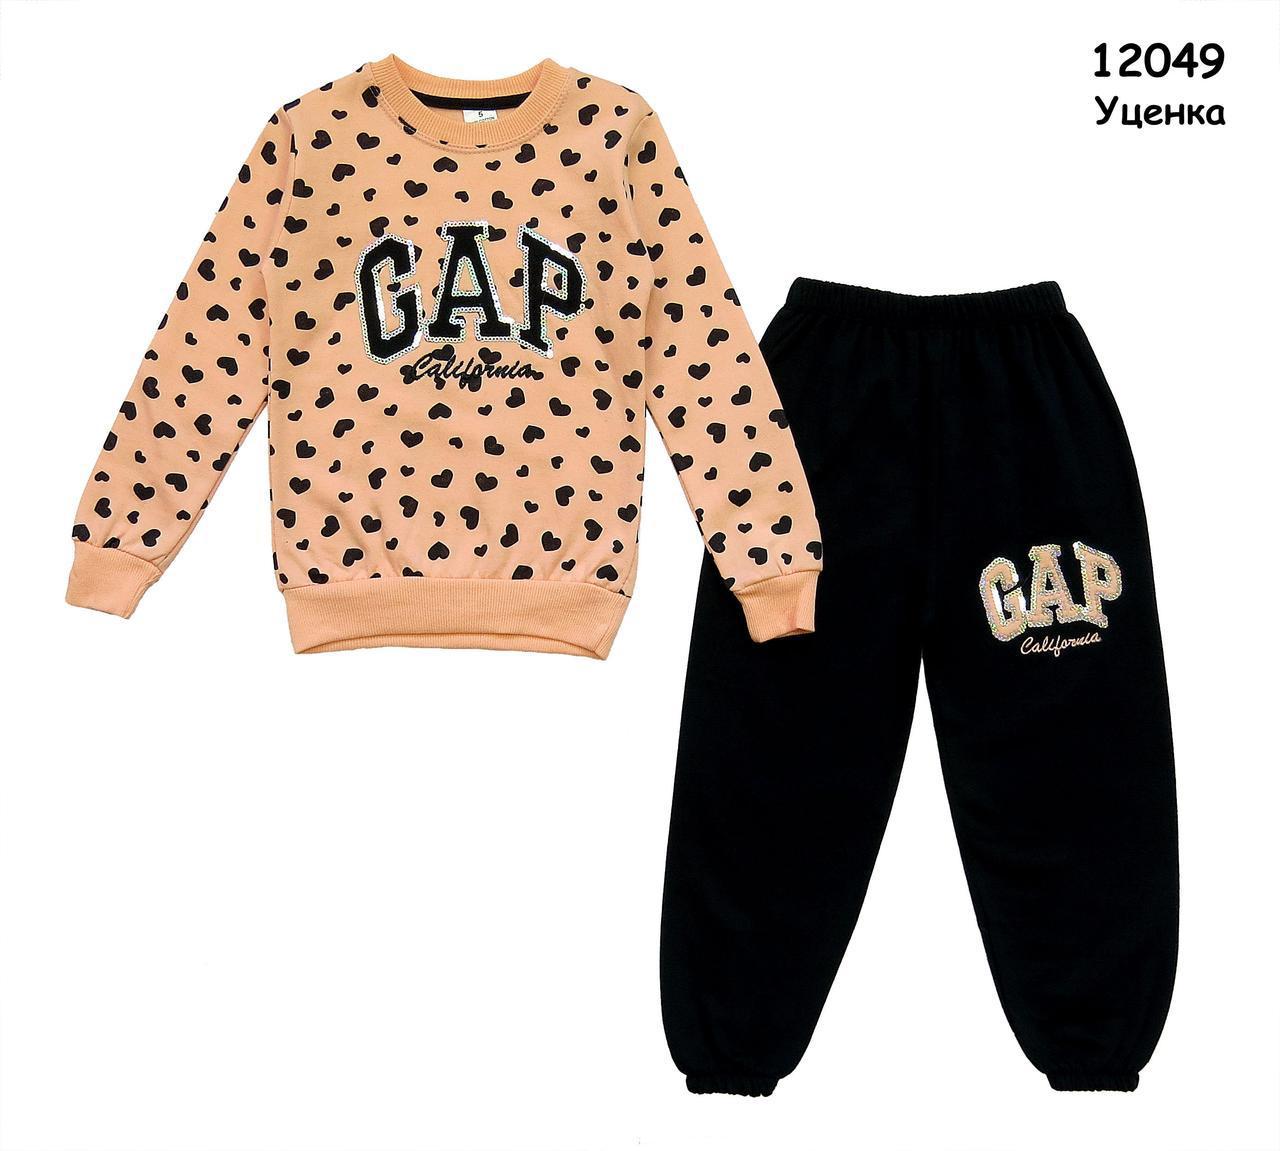 Теплый костюм Gap для девочки. 5, 8 лет